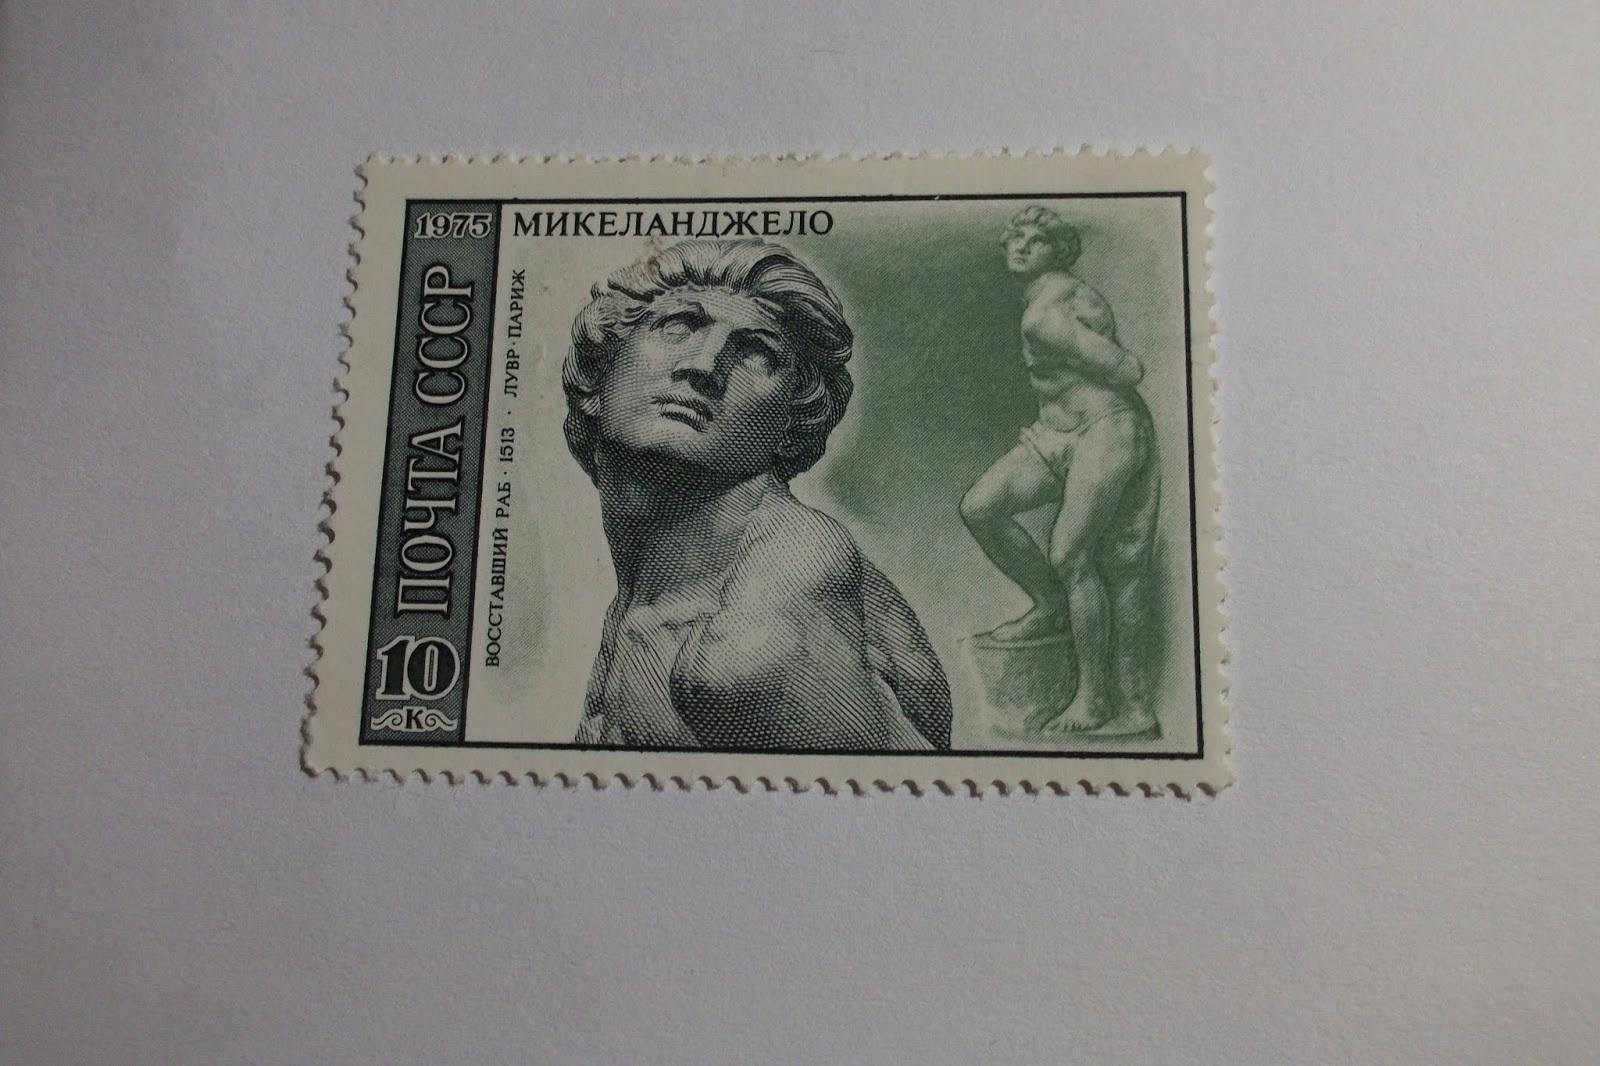 Марки ссср 1975 года цена стоимость монеты республика дагестан